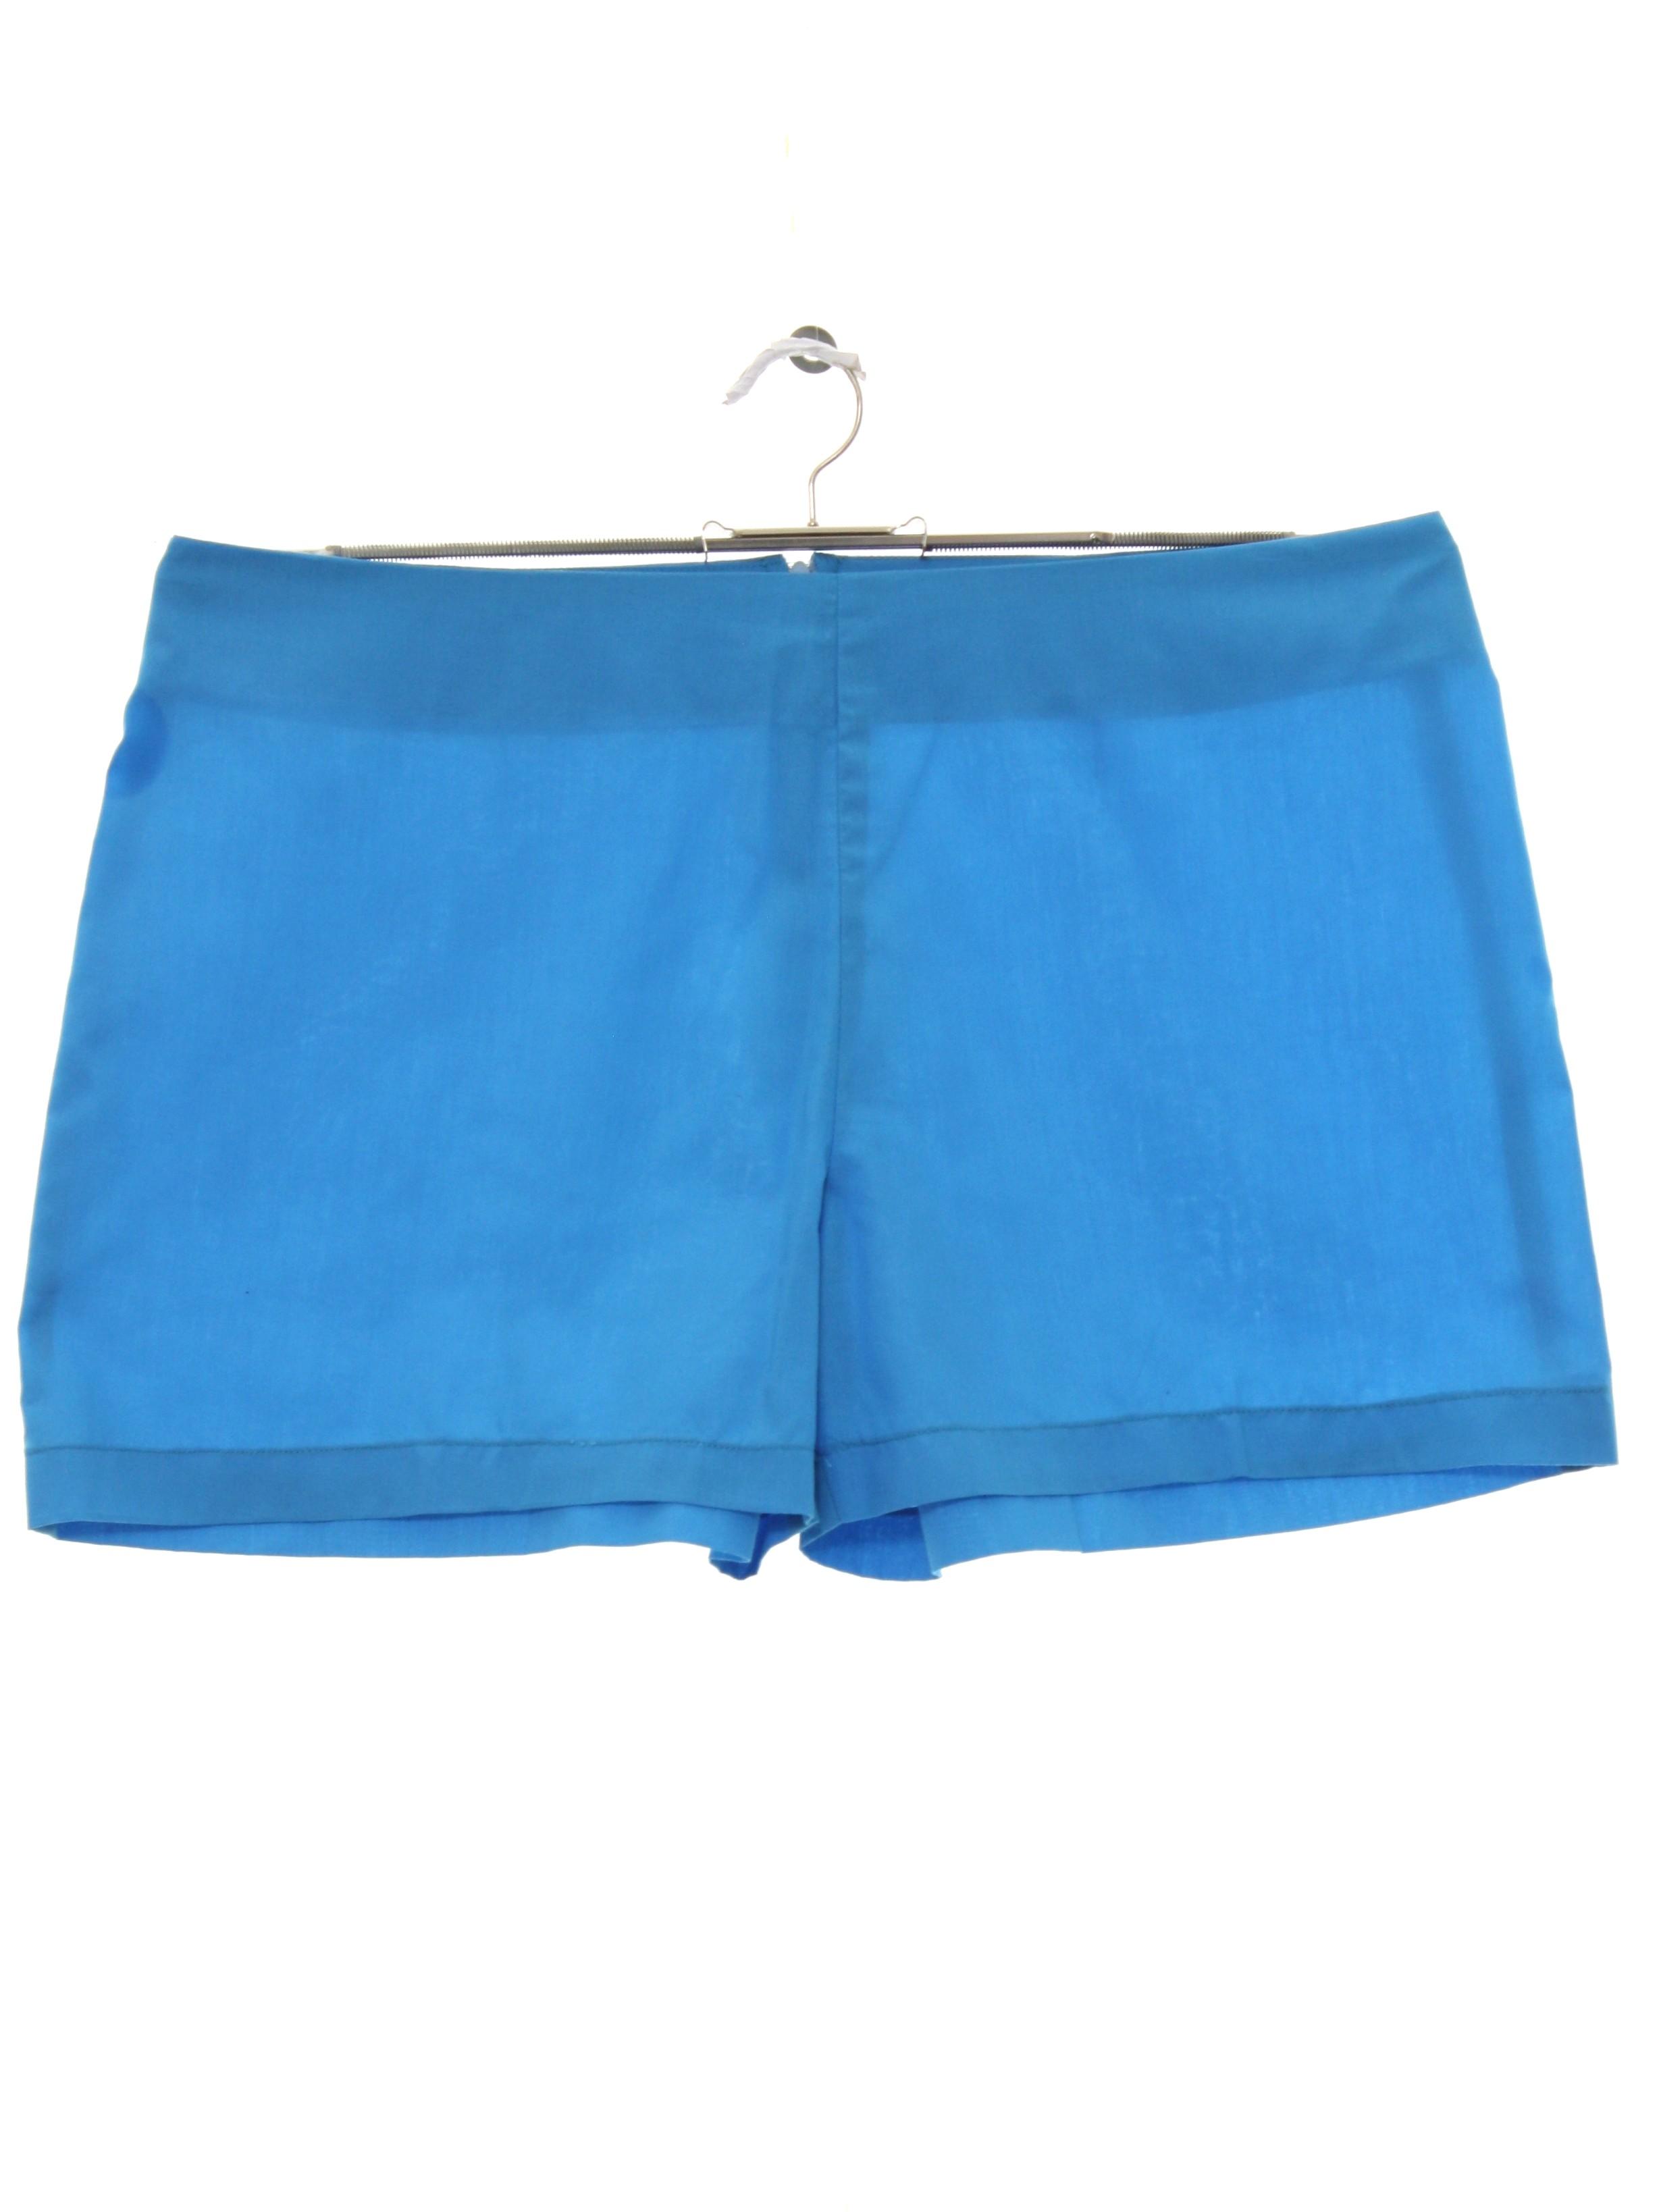 shorts no background